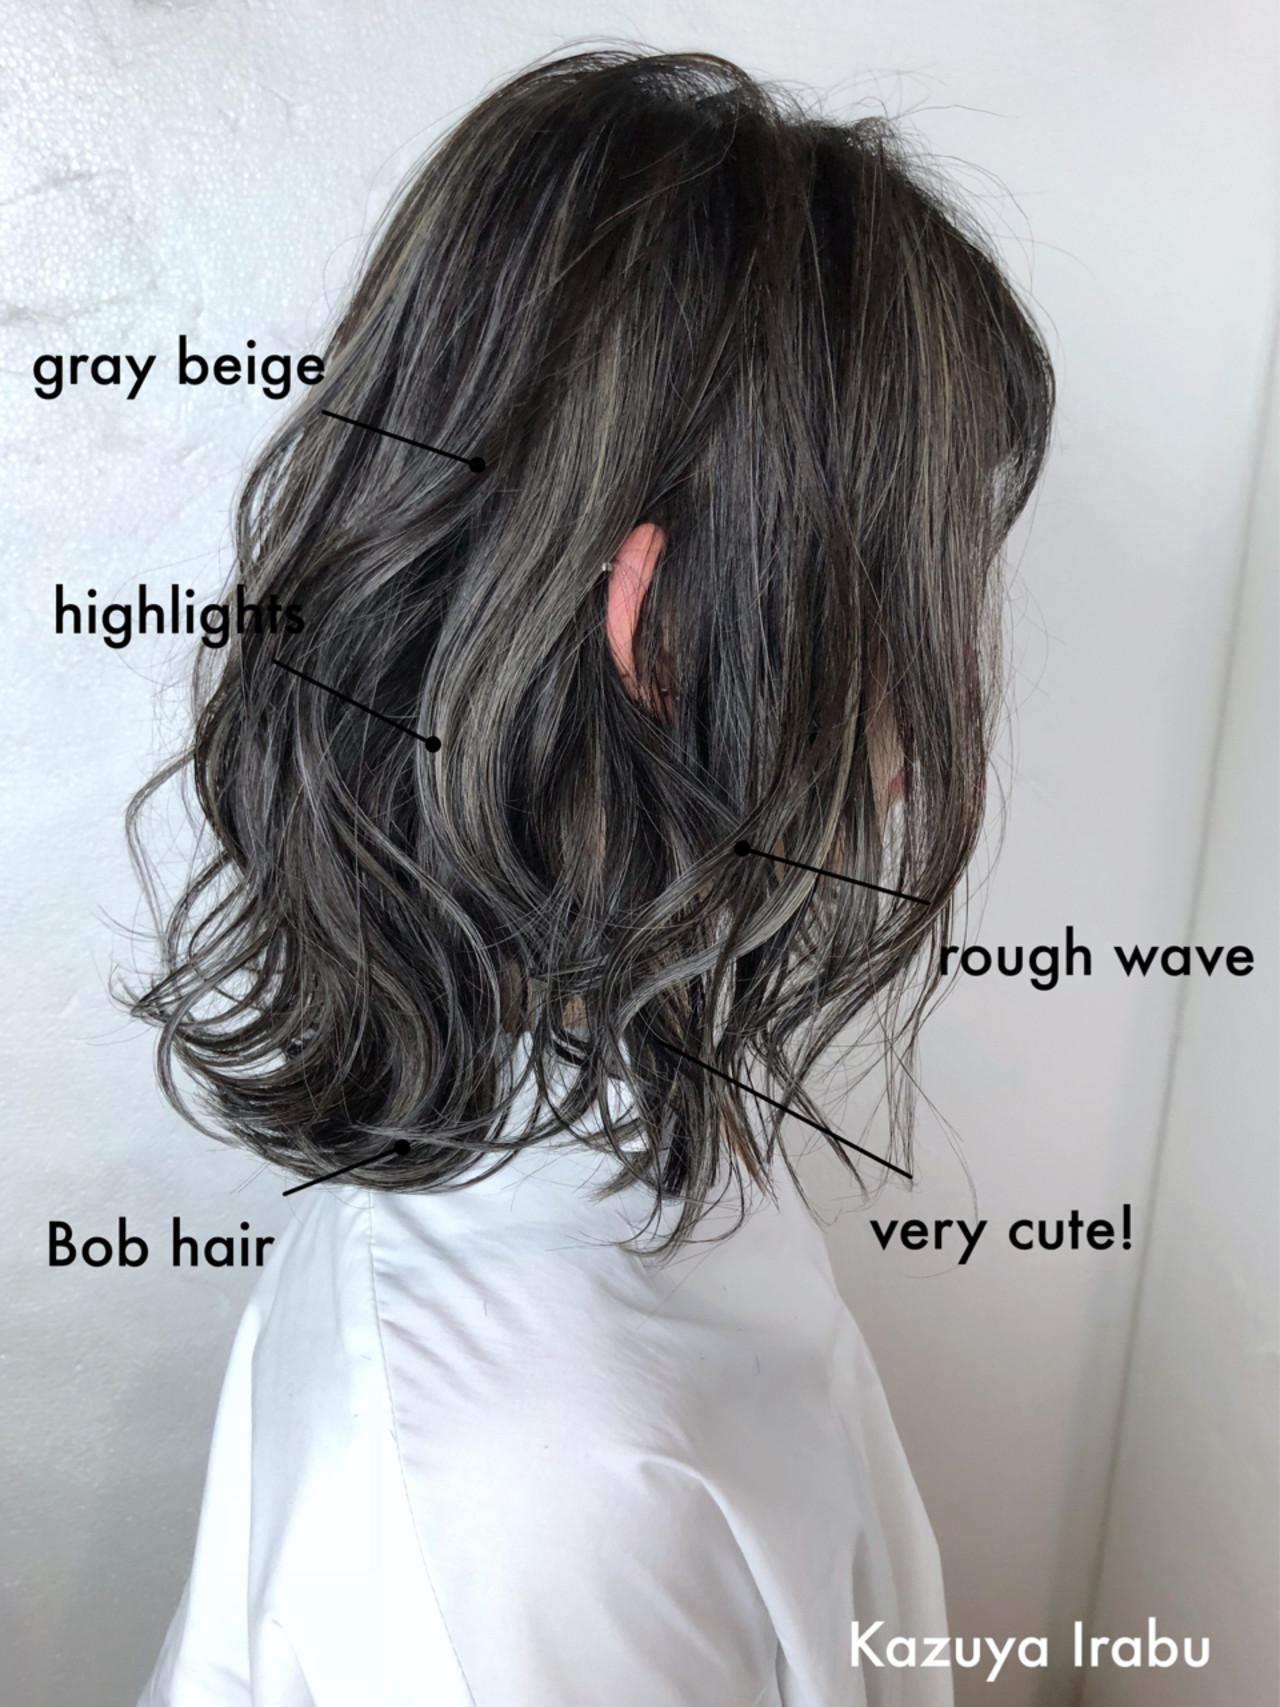 スポーツ ミディアム 抜け感 ハイライトヘアスタイルや髪型の写真・画像